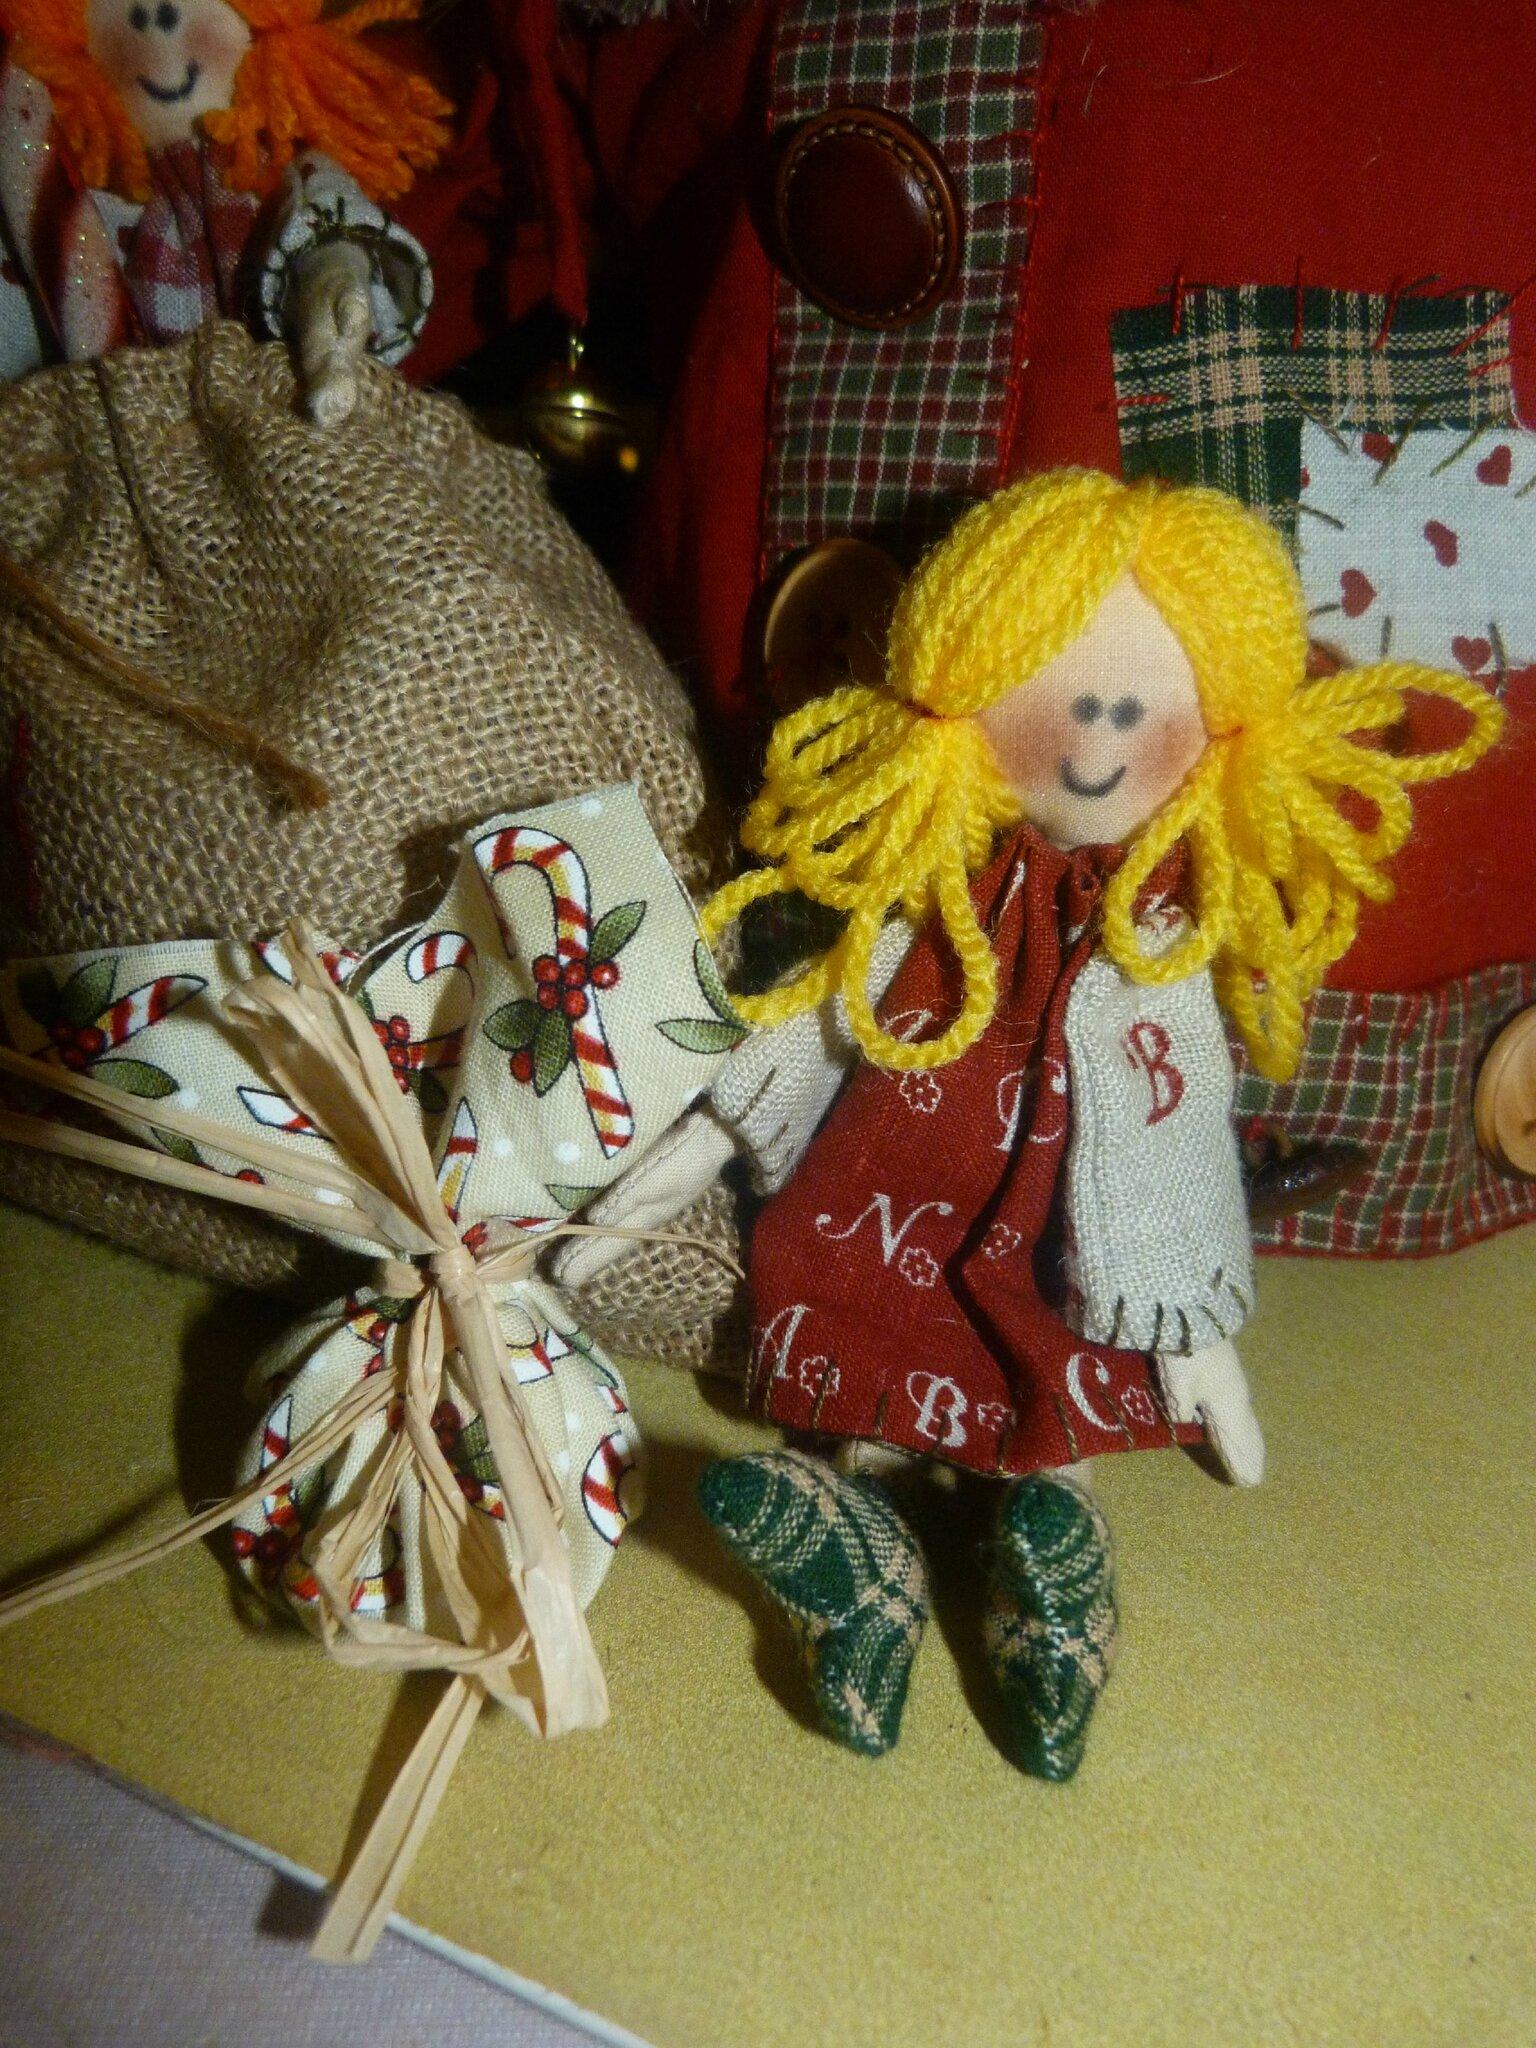 * les petites poupées de* Luc le père Noel *